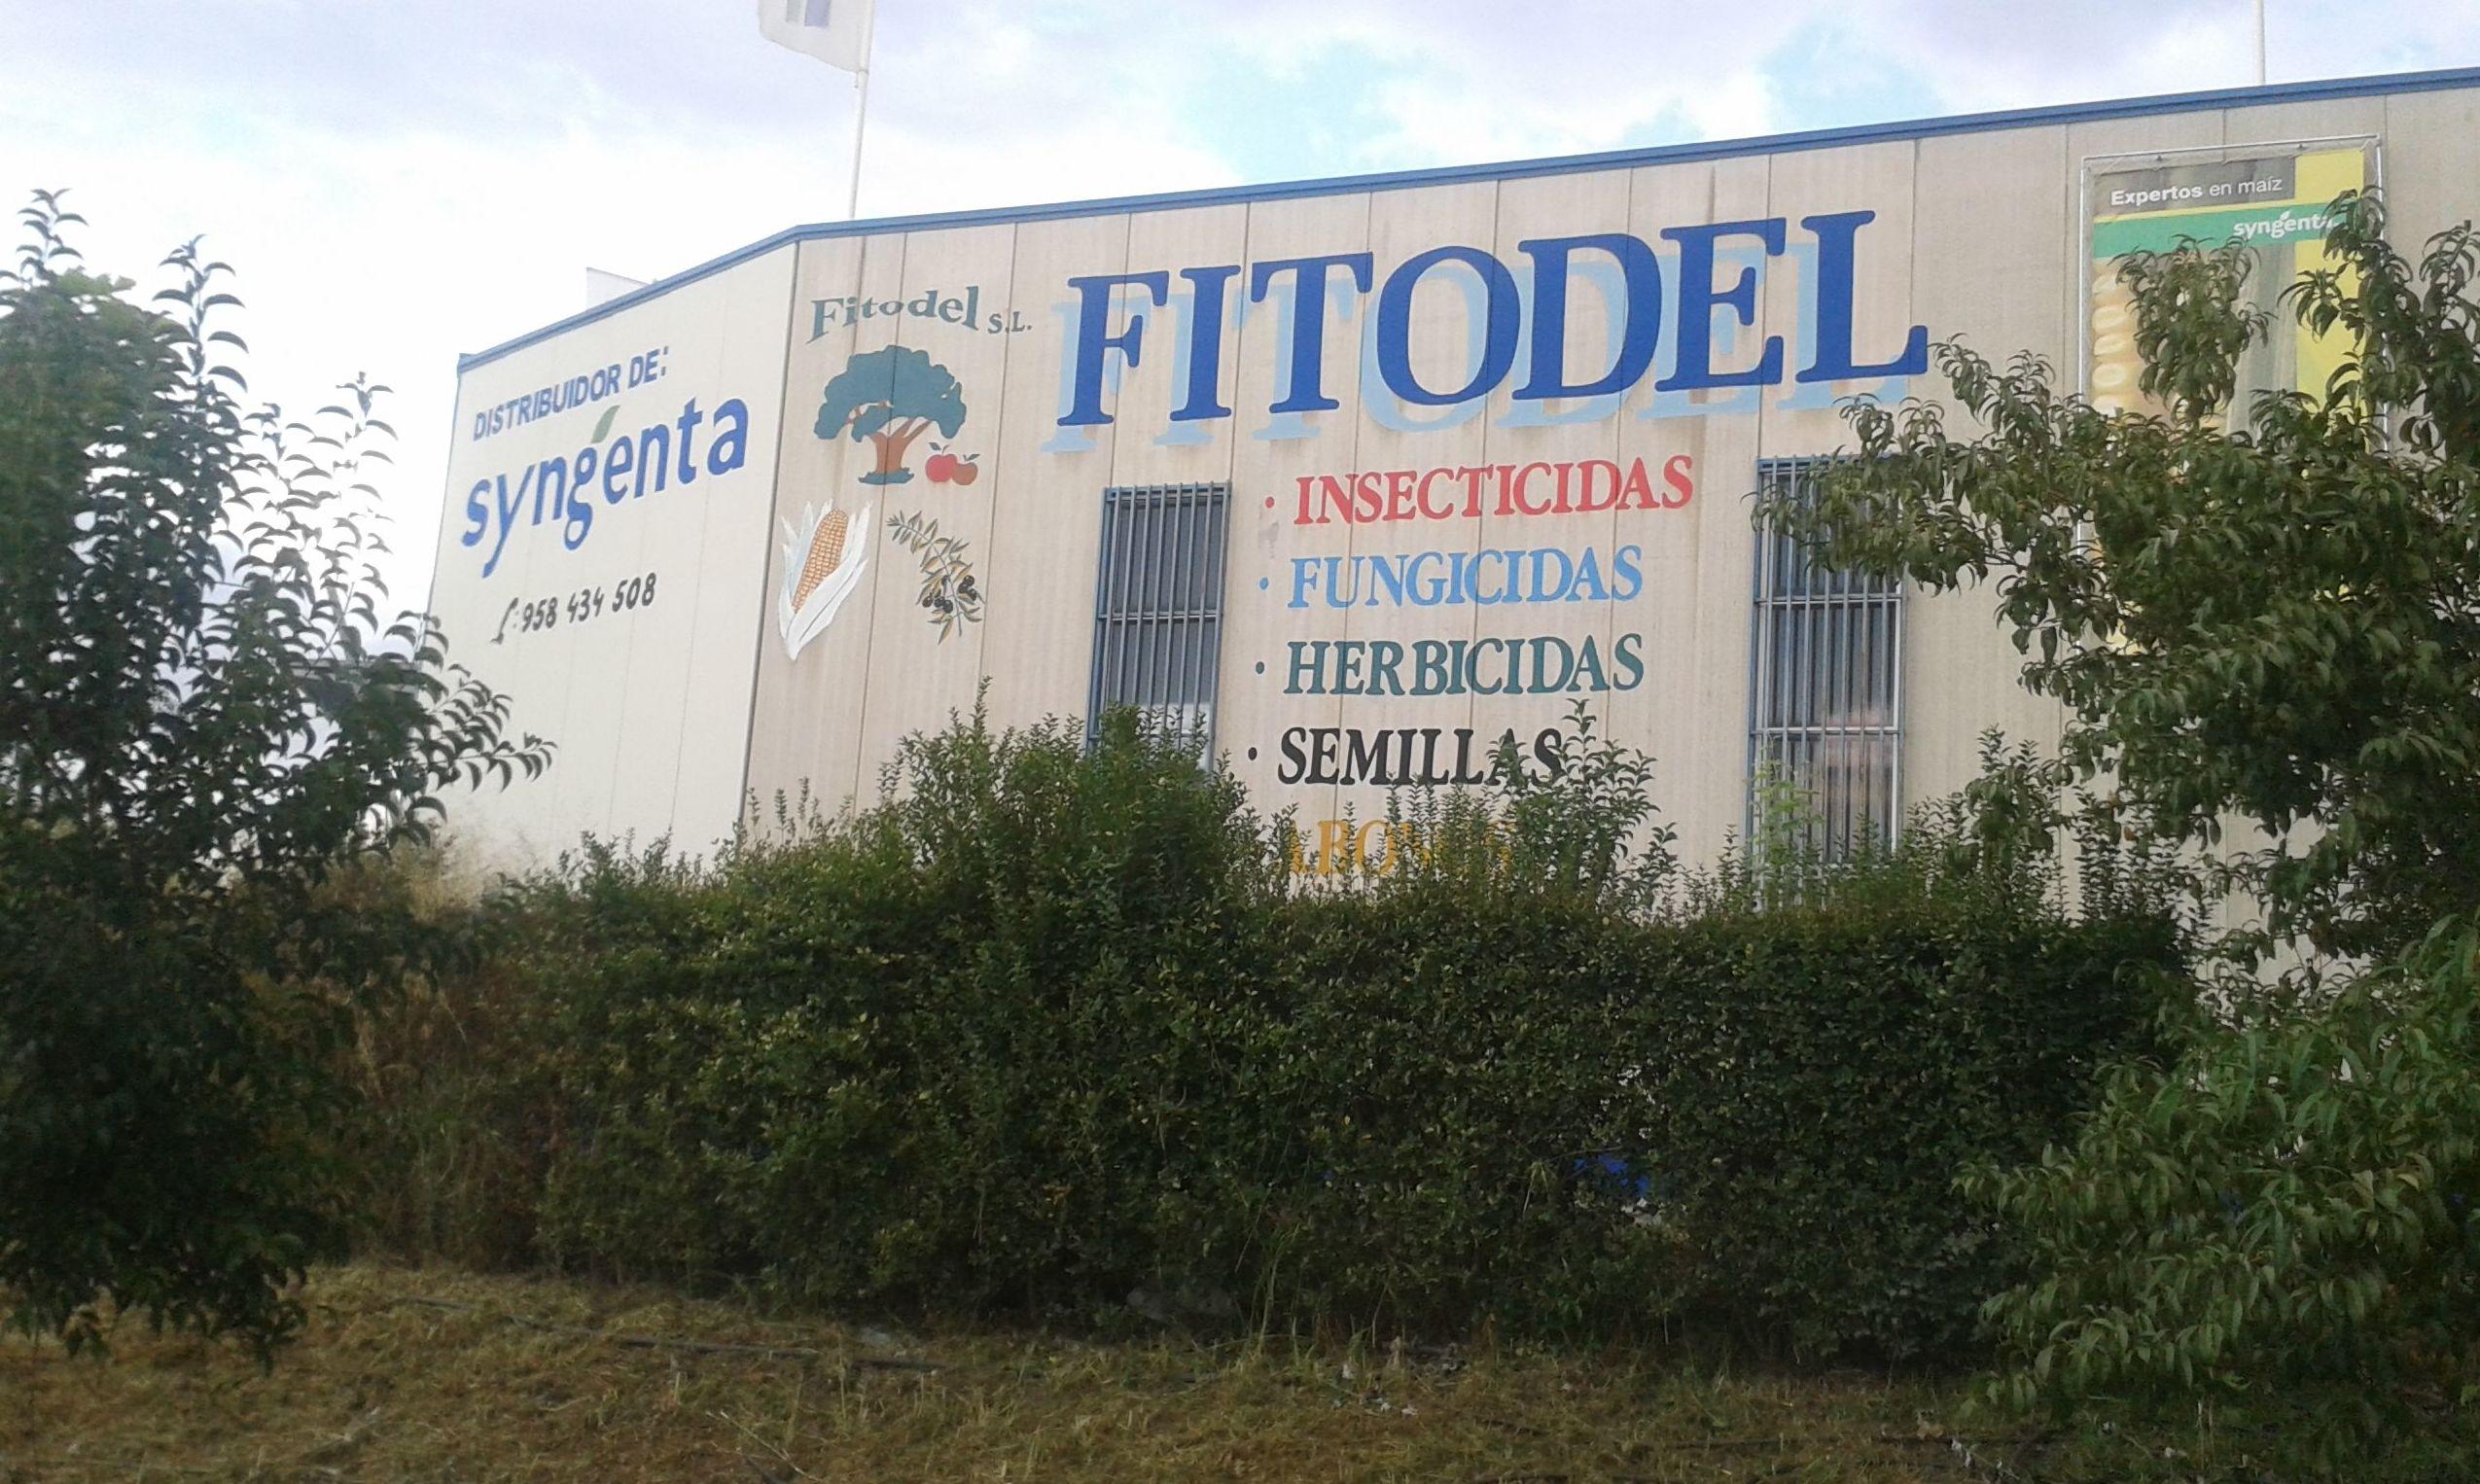 Fachada de empresa Fitodel, S.L